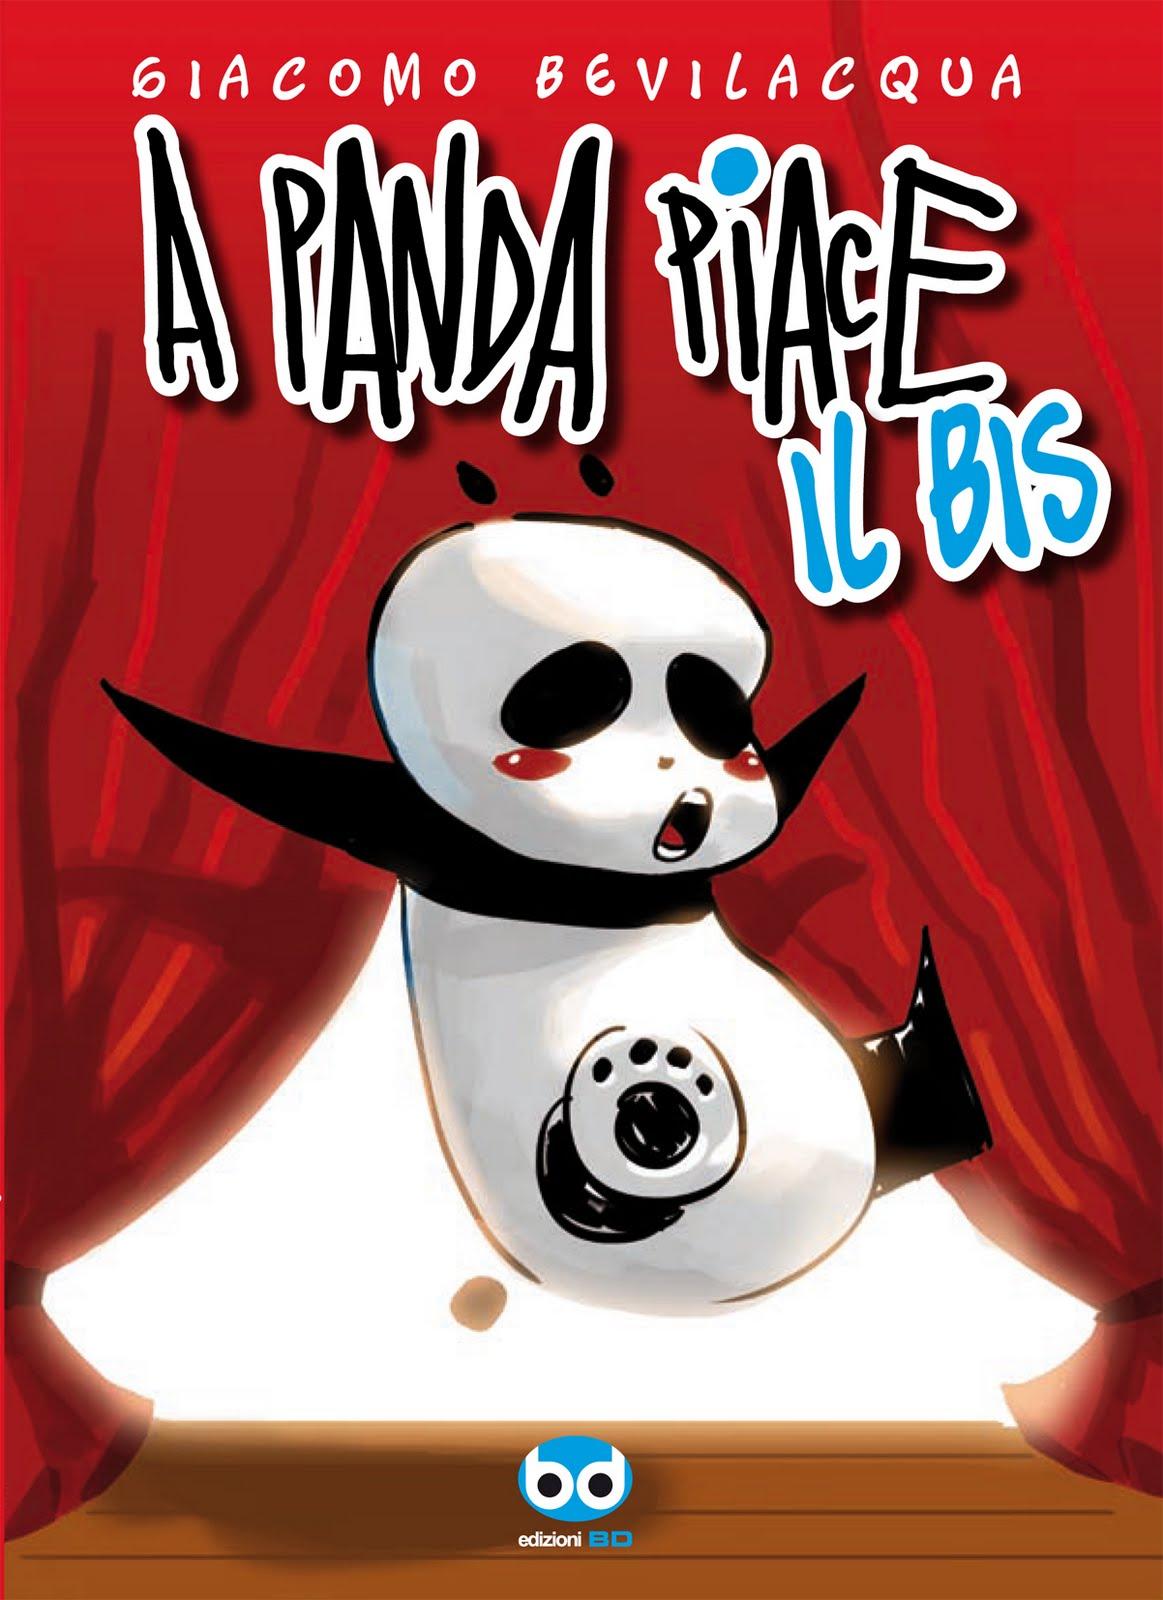 A panda piace il bis